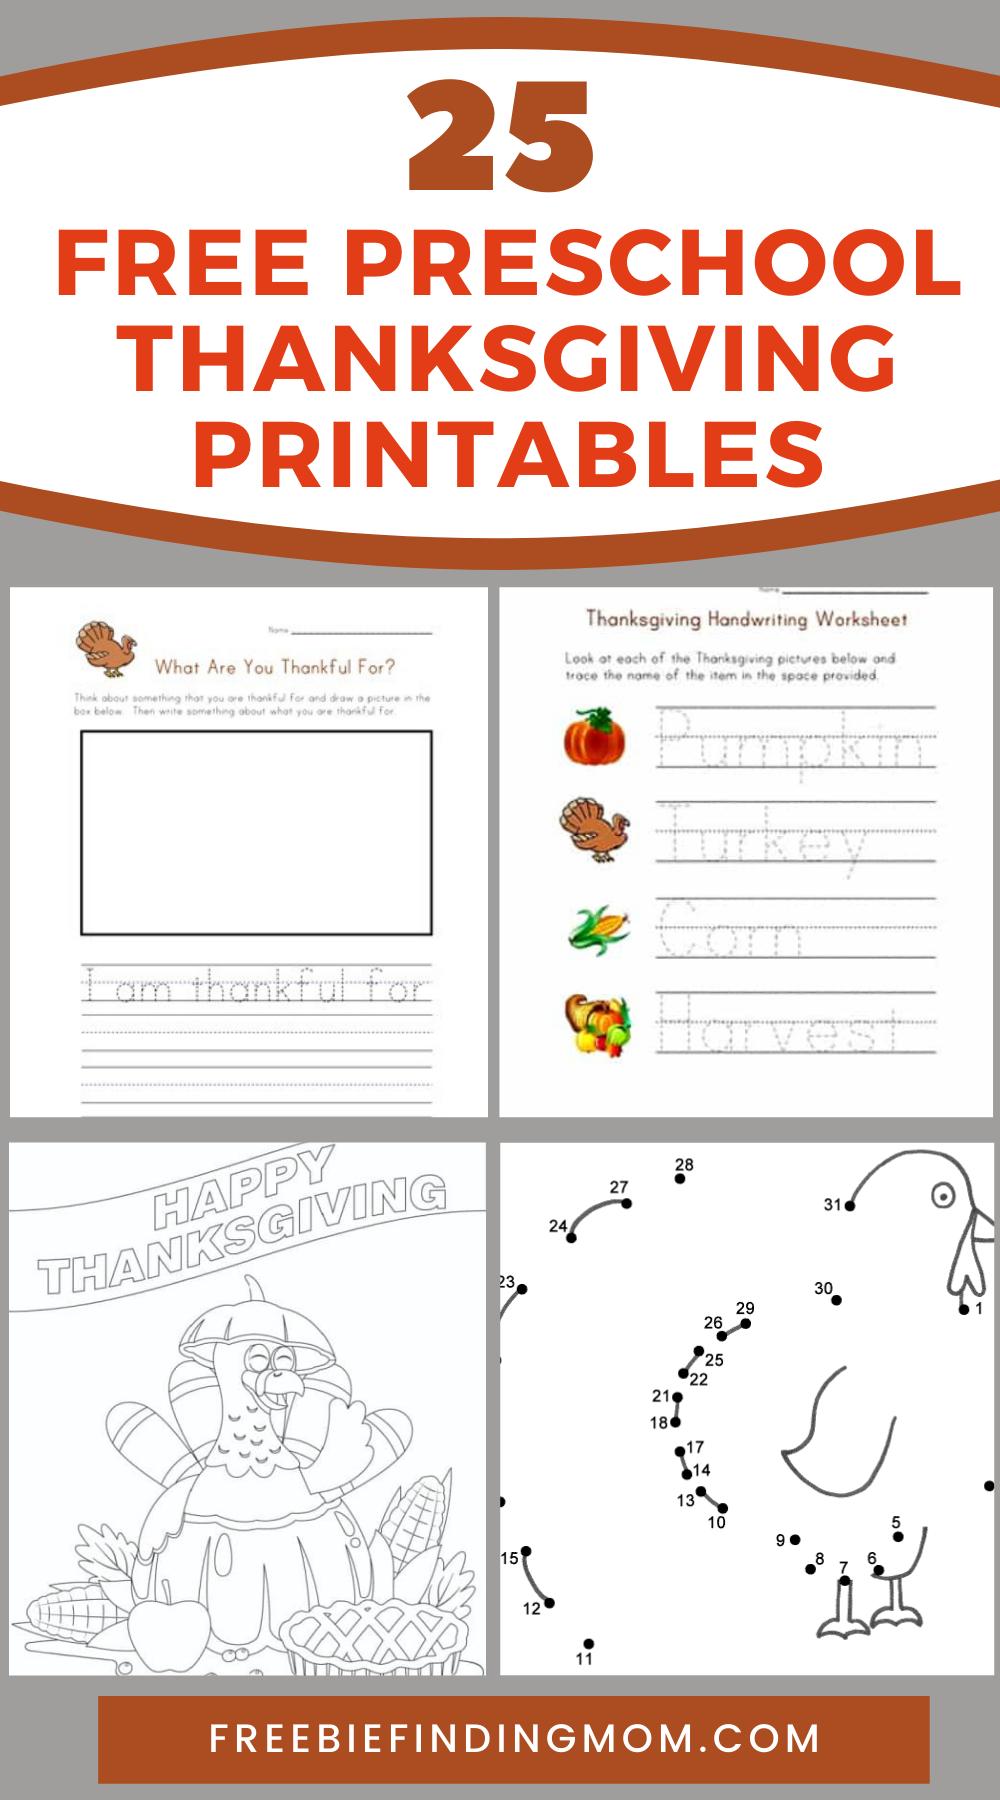 25 Free Preschool Thanksgiving Printables Freebie Finding Mom Thanksgiving Preschool Thanksgiving Crafts Preschool Free Preschool [ 1800 x 1000 Pixel ]